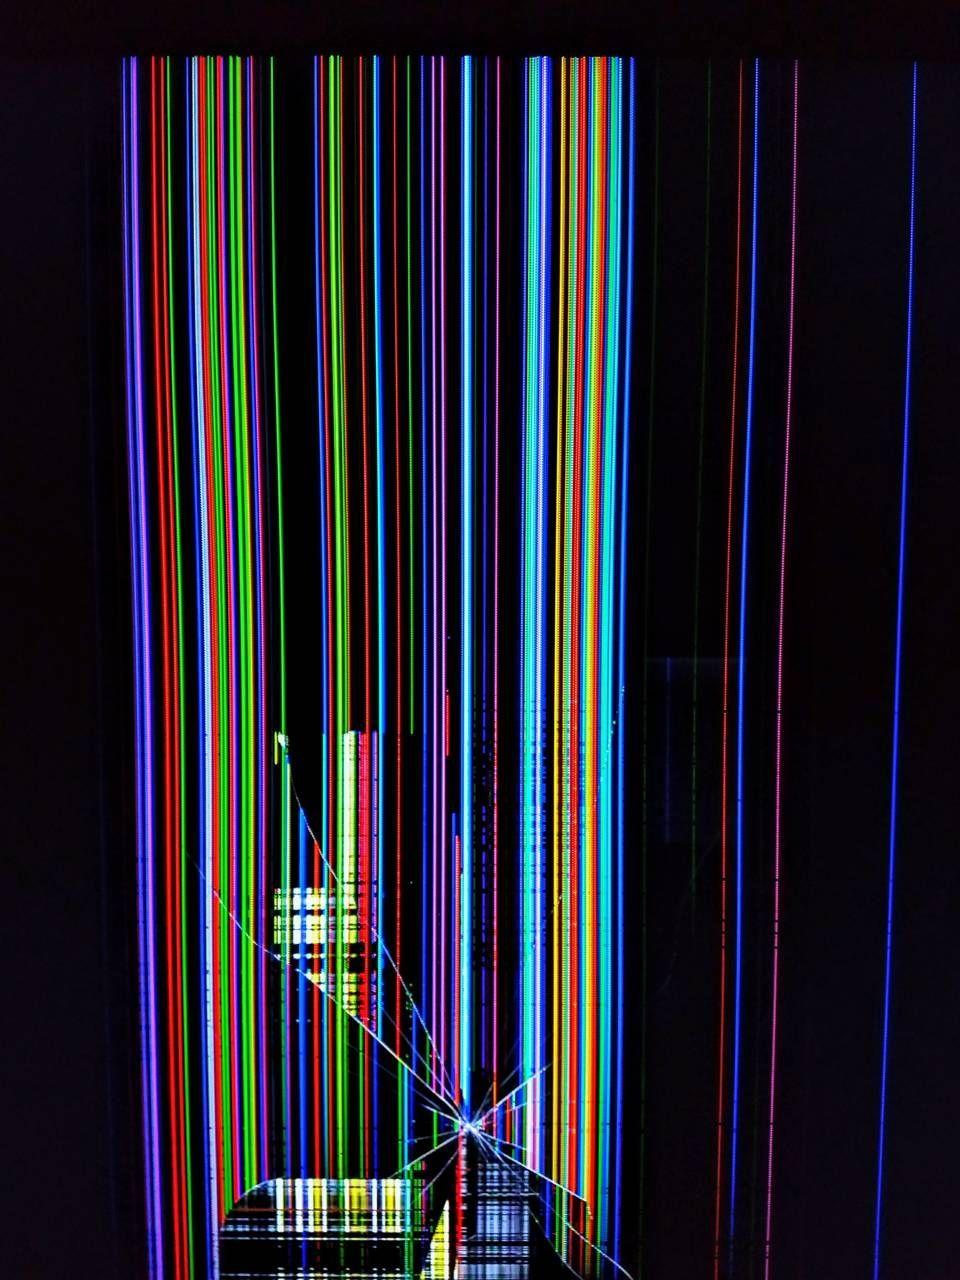 Prank Wallpaper Broken Infoupdate Org In 2020 Broken Screen Wallpaper Broken Glass Wallpaper Broken Screen